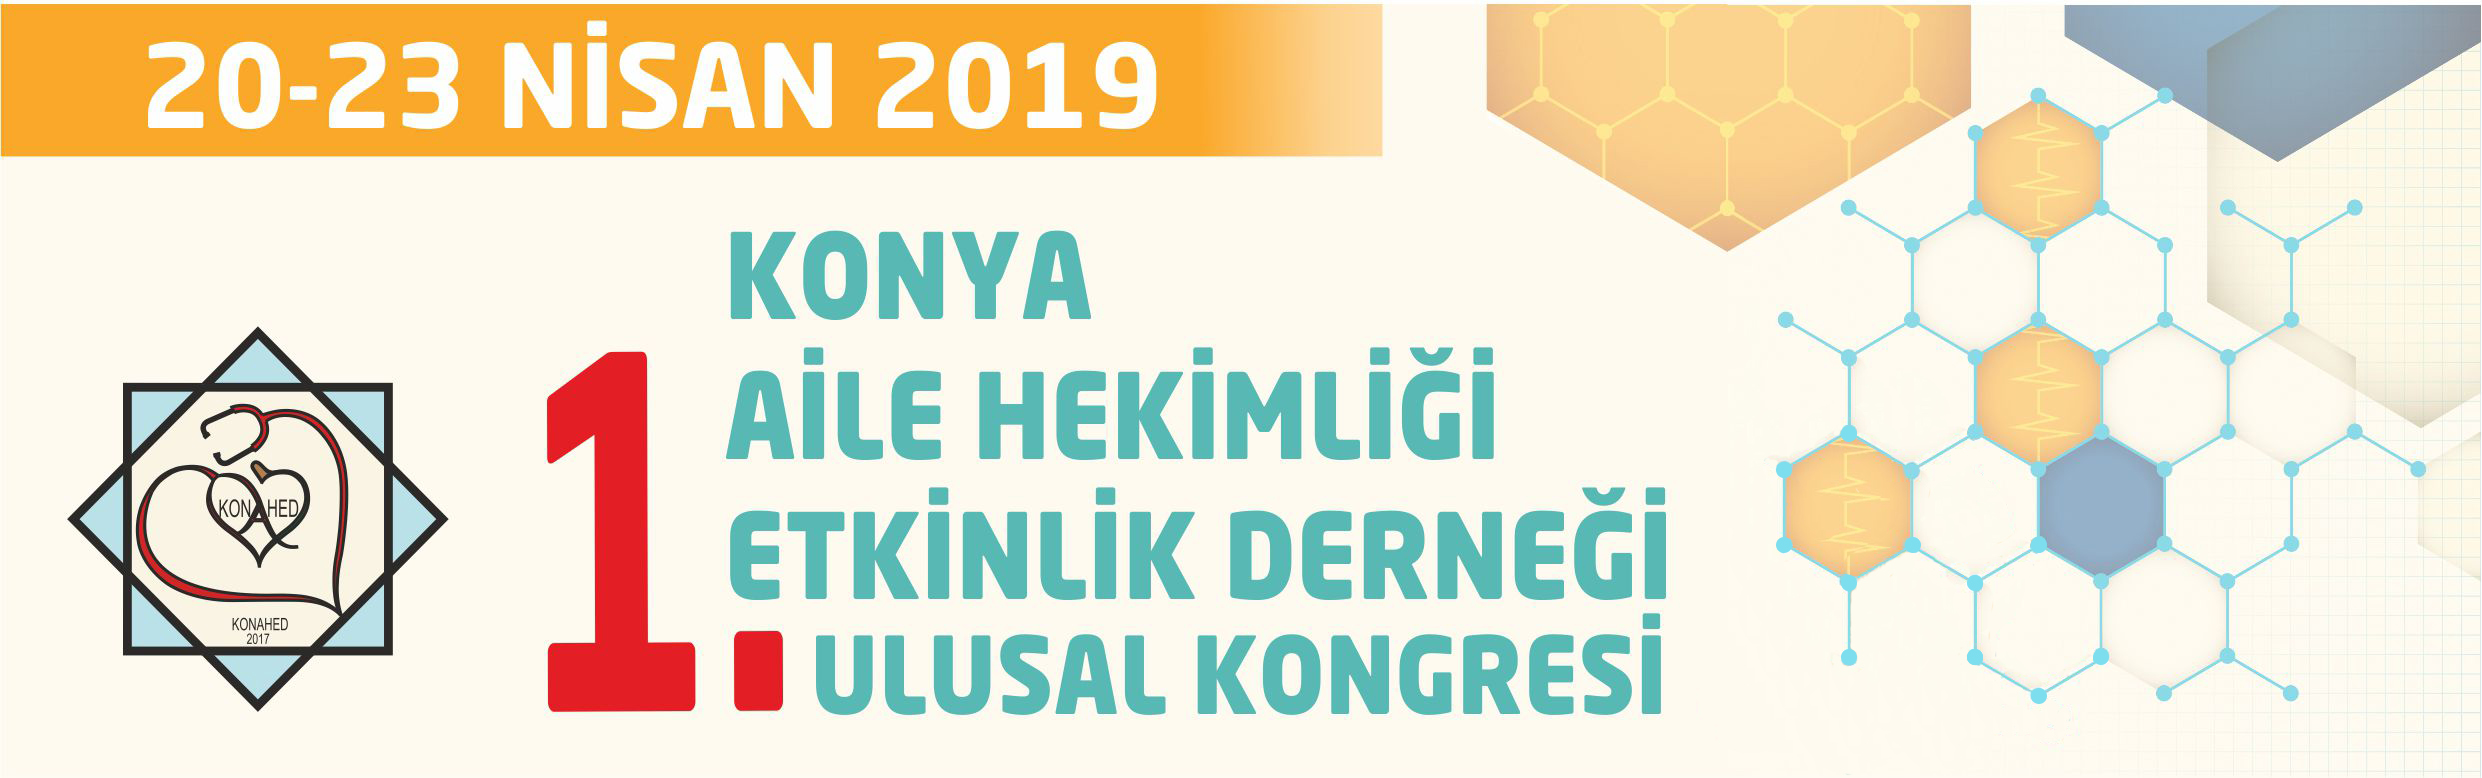 KonAHED Kongre 2019